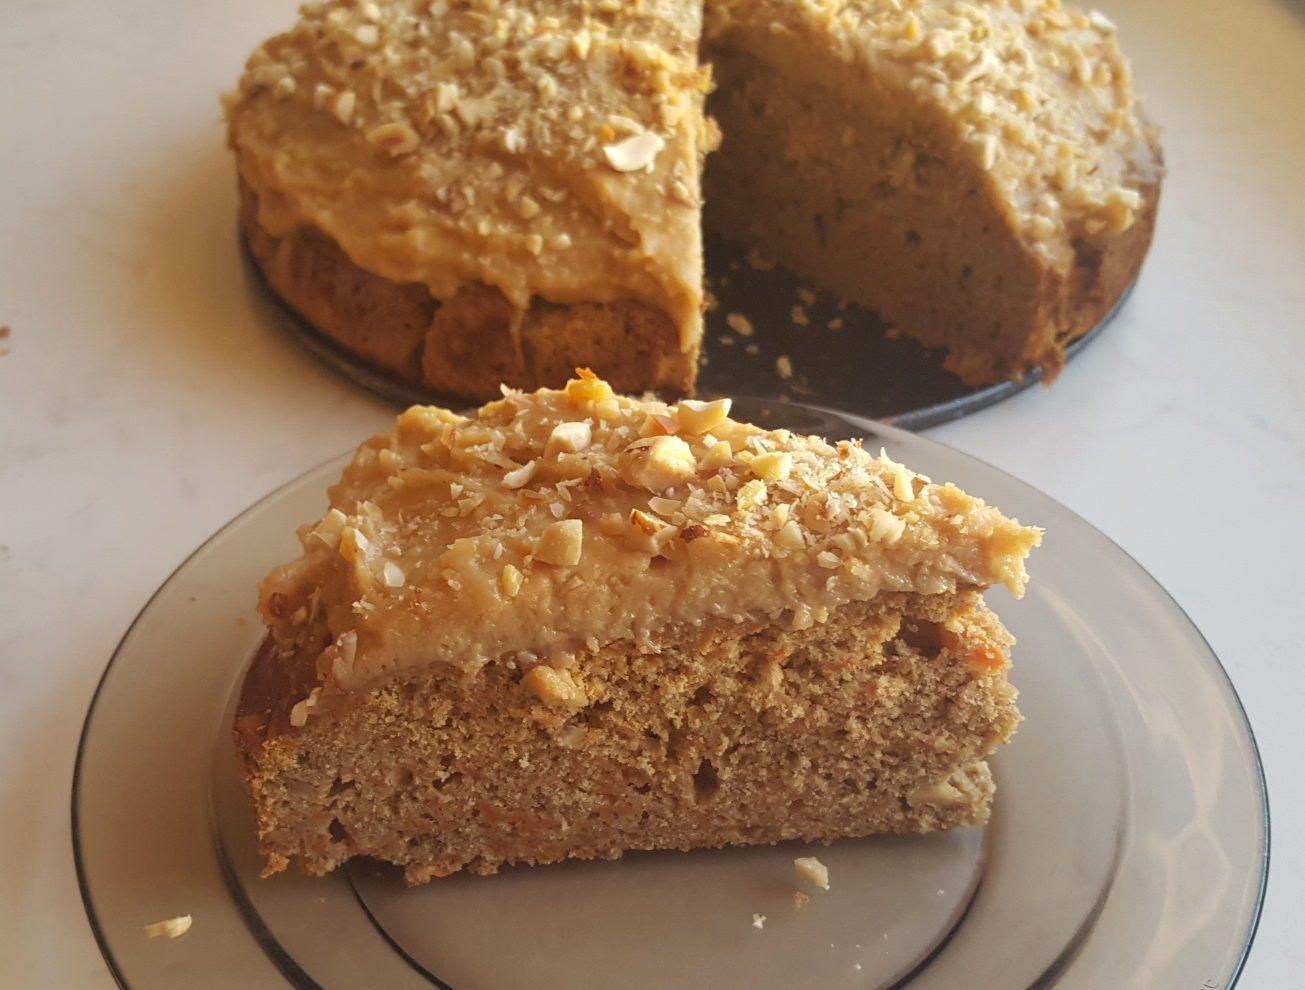 Zdrowe ciasto i krem, który zmienił moje życie. Bez glutenu, cukru, nabiału.